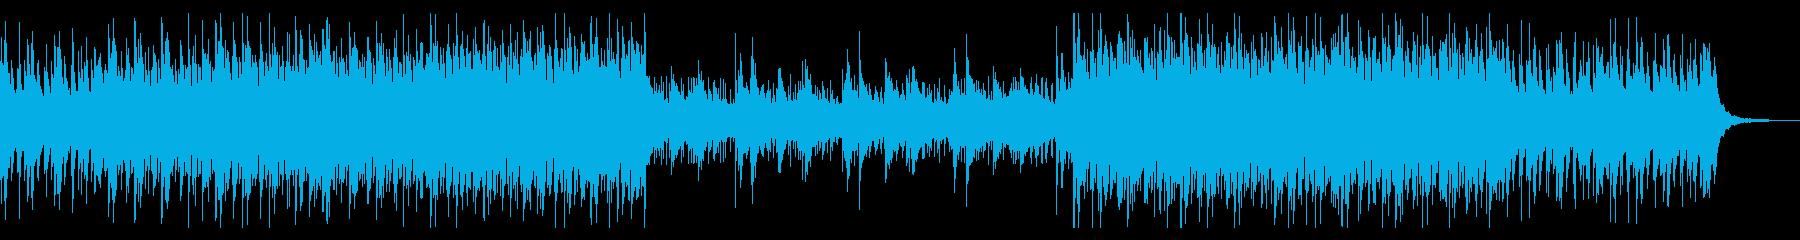 シンセとピアノの企業向けアンビエントの再生済みの波形